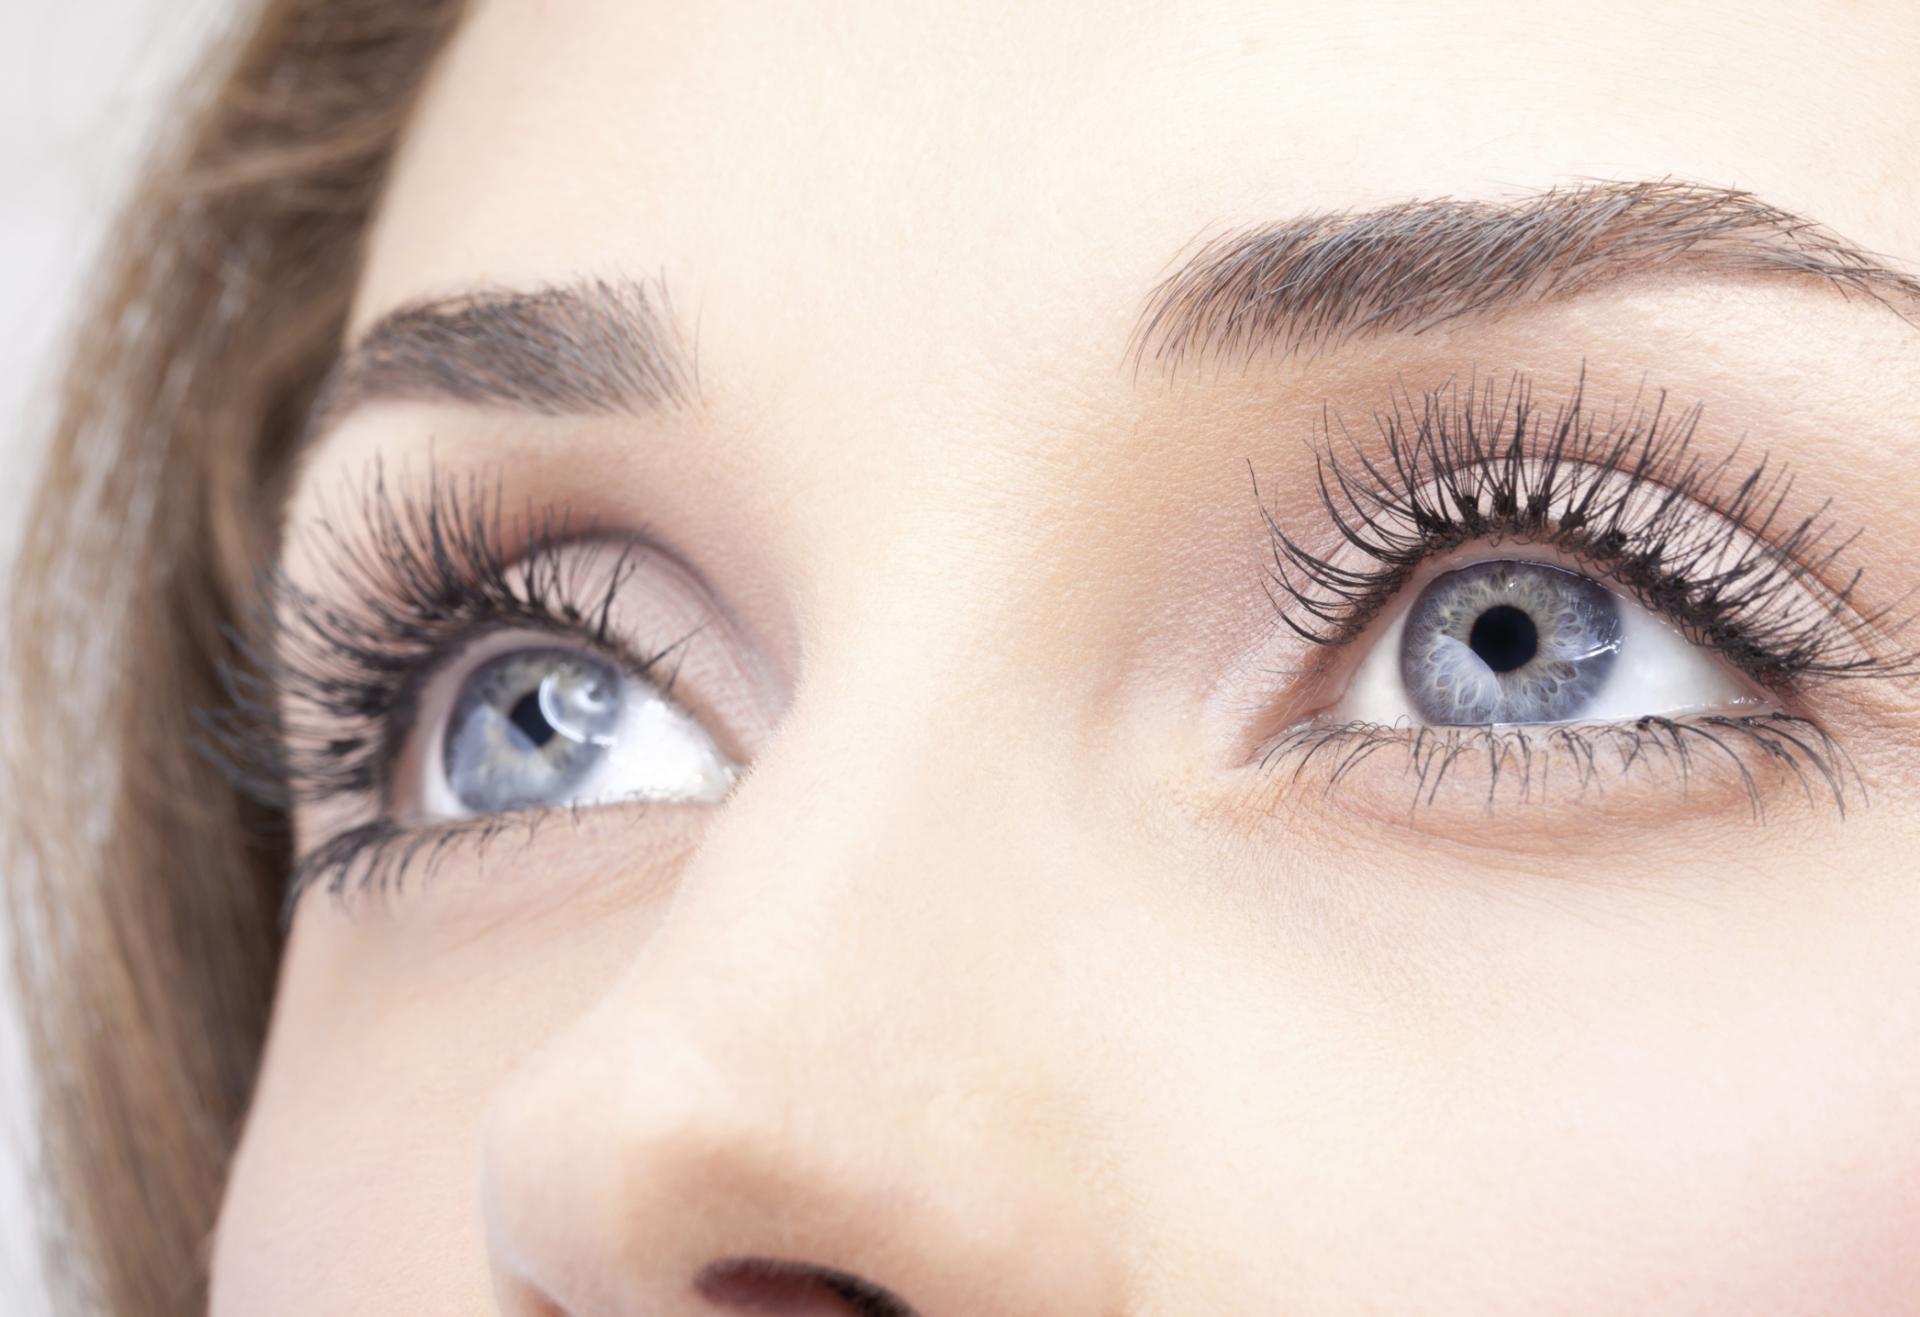 Операция по замене хрусталика глаза: сколько стоит, как проходит, отзывы